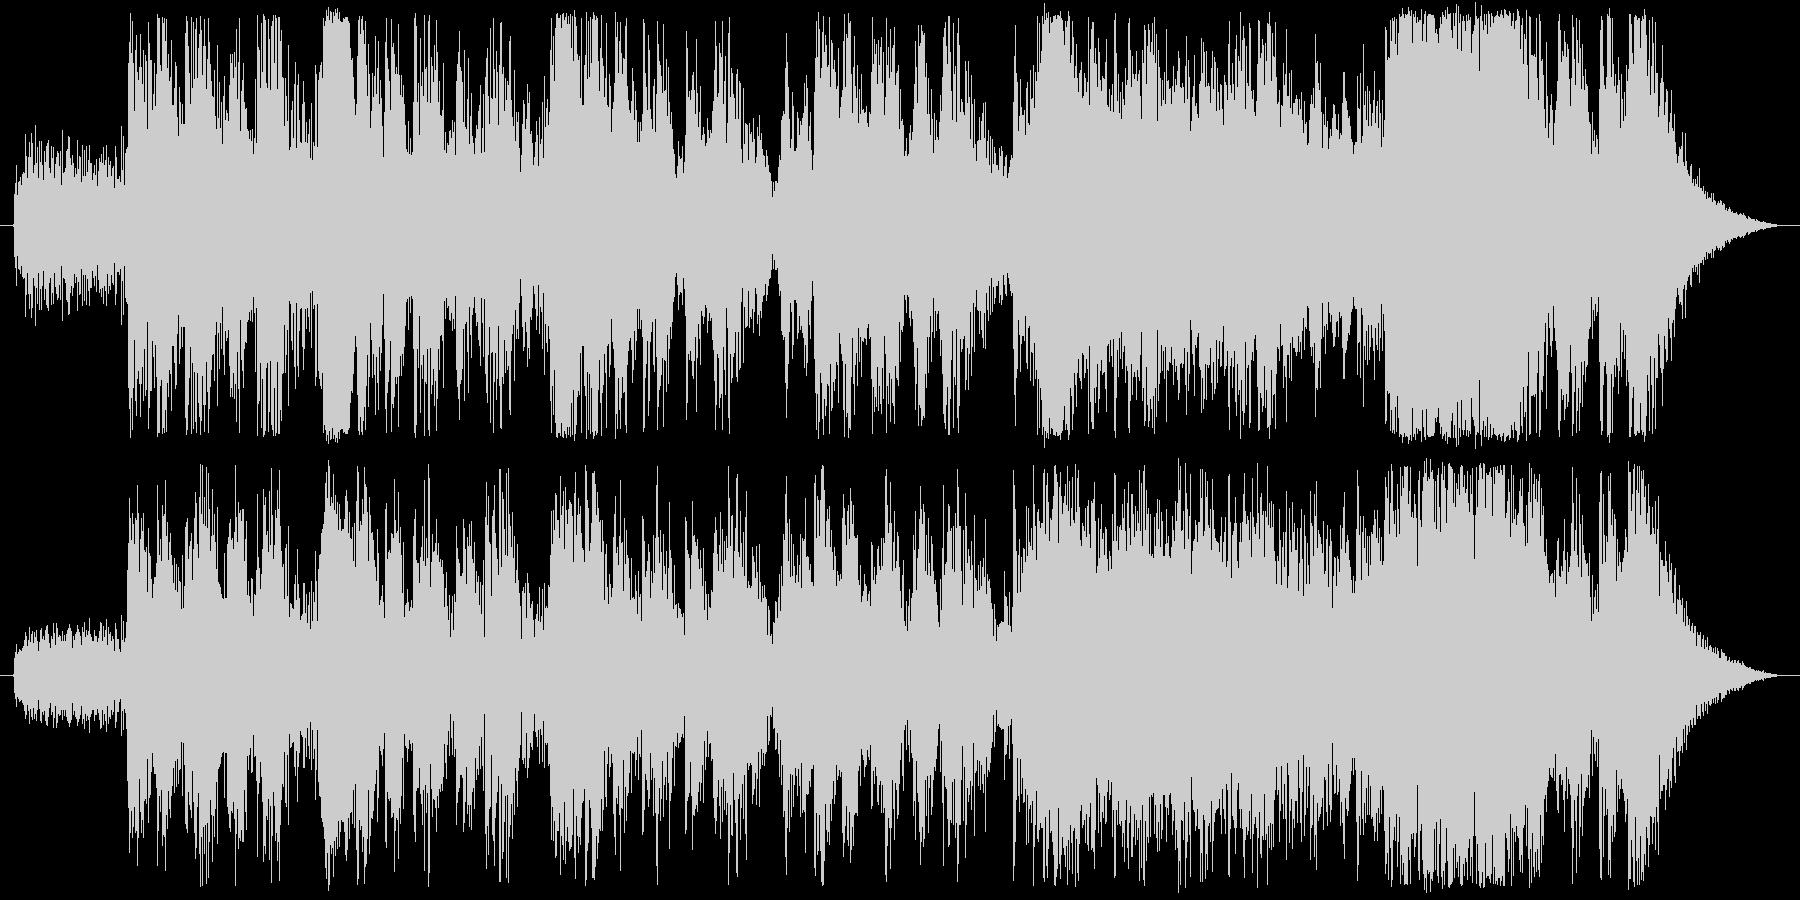 オーケストラアレンジの緊迫した曲の未再生の波形